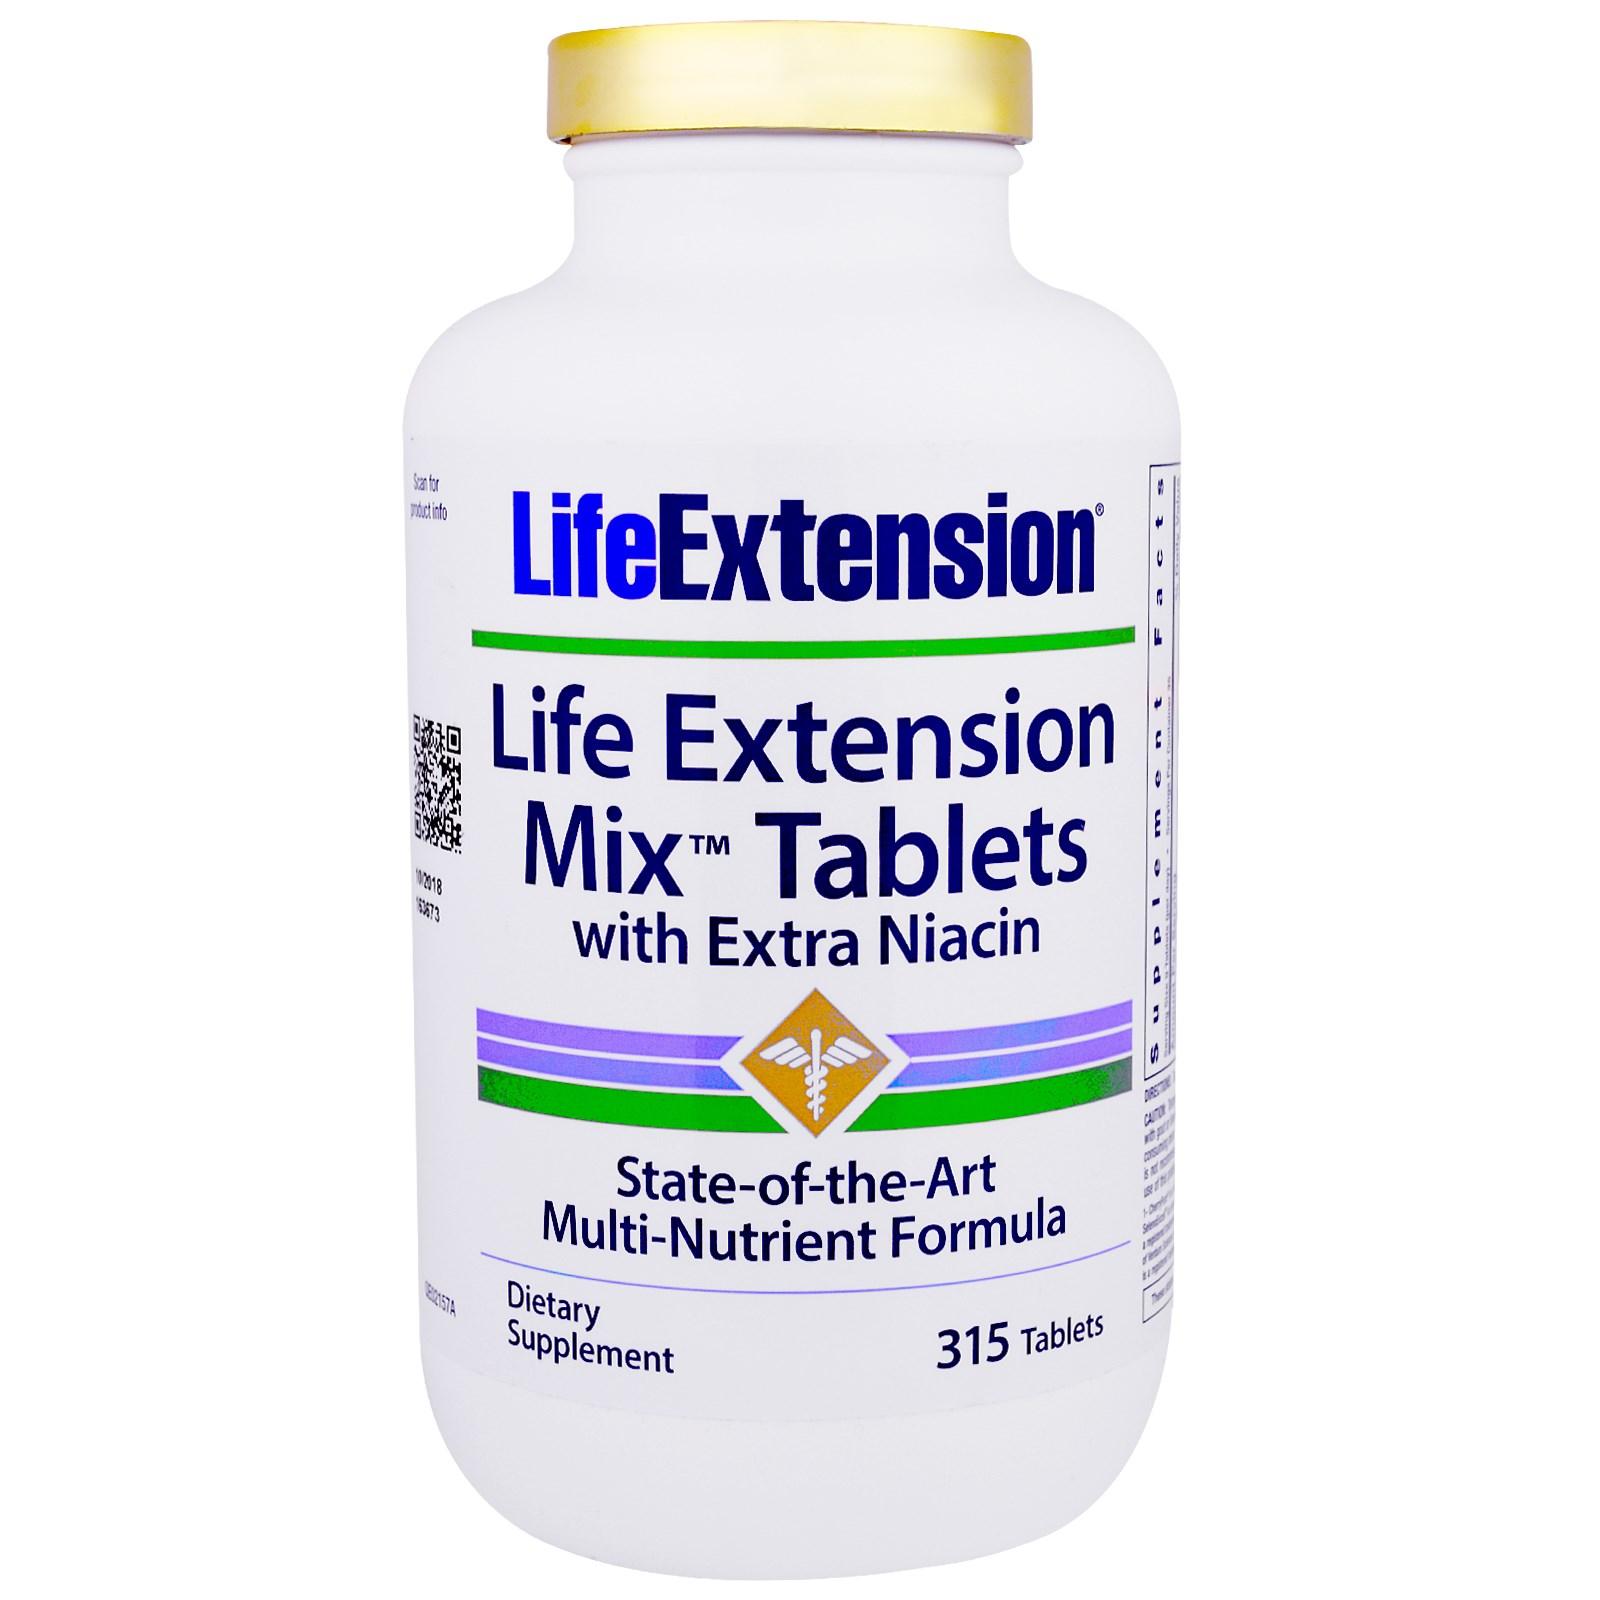 Life Extension, Mix Tablets Смешайте таблетки с Дополнительным Ниацином, 315 таблеток